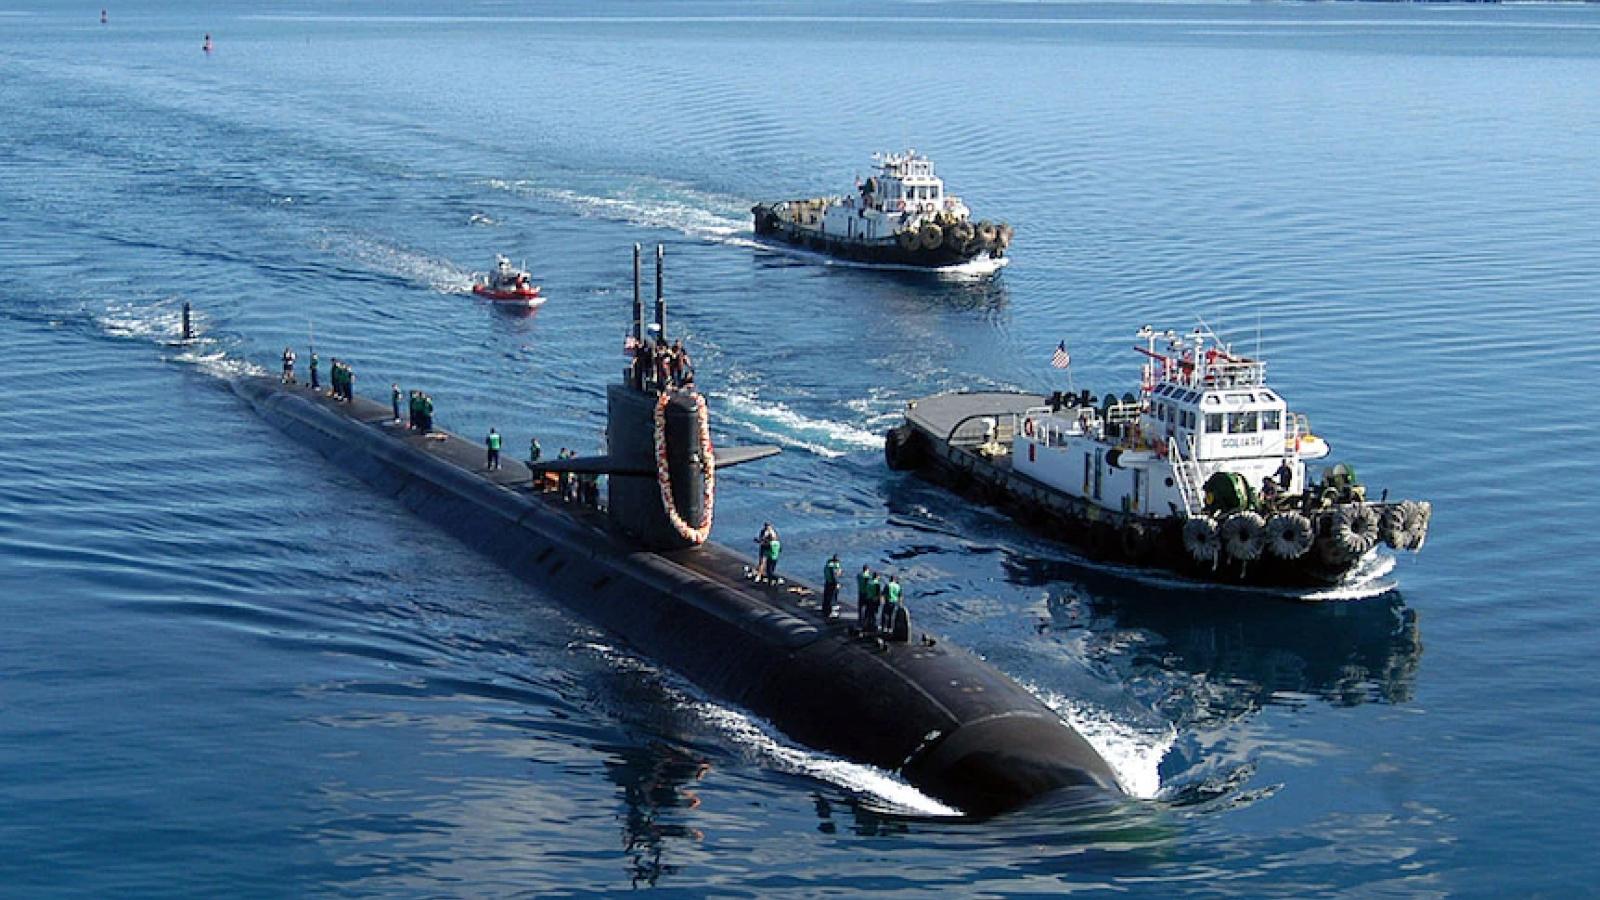 Australia-Anh-Mỹ hợp tác chế tạo tàu ngầm hạt nhân tại Australia